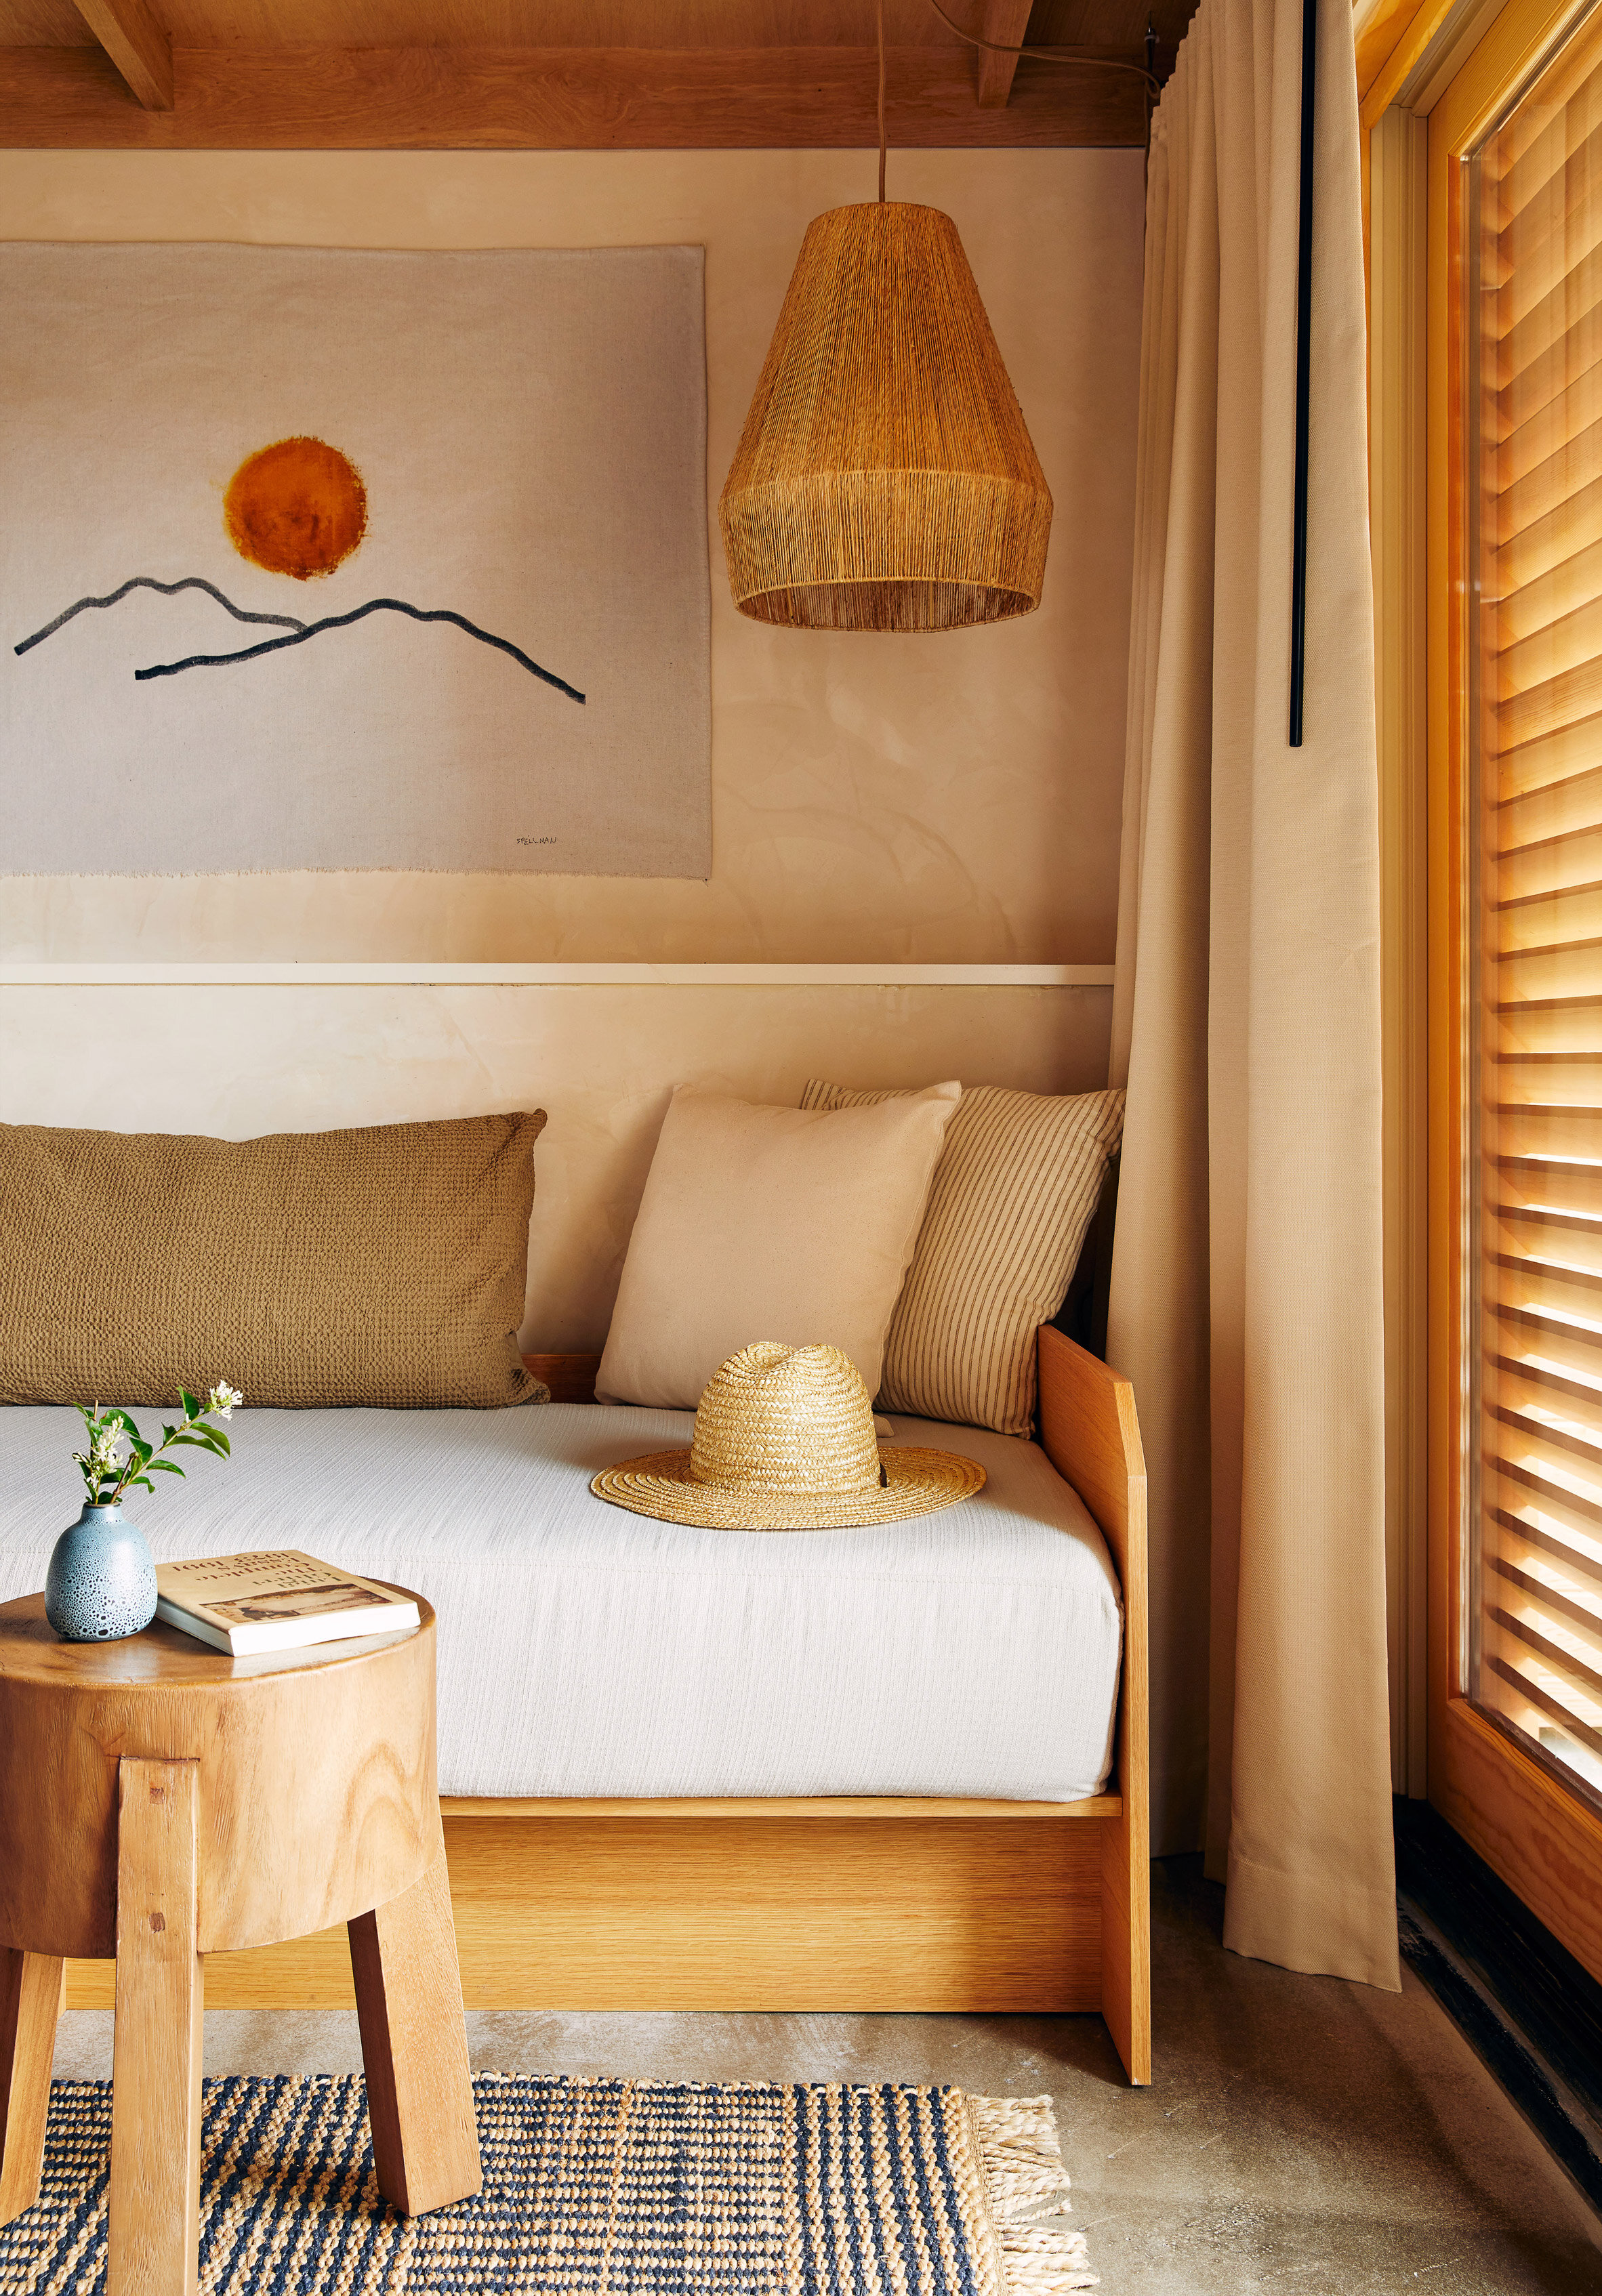 marram-hotel-bridgeton-studio-tack_dezeen_2364_col_26.jpg